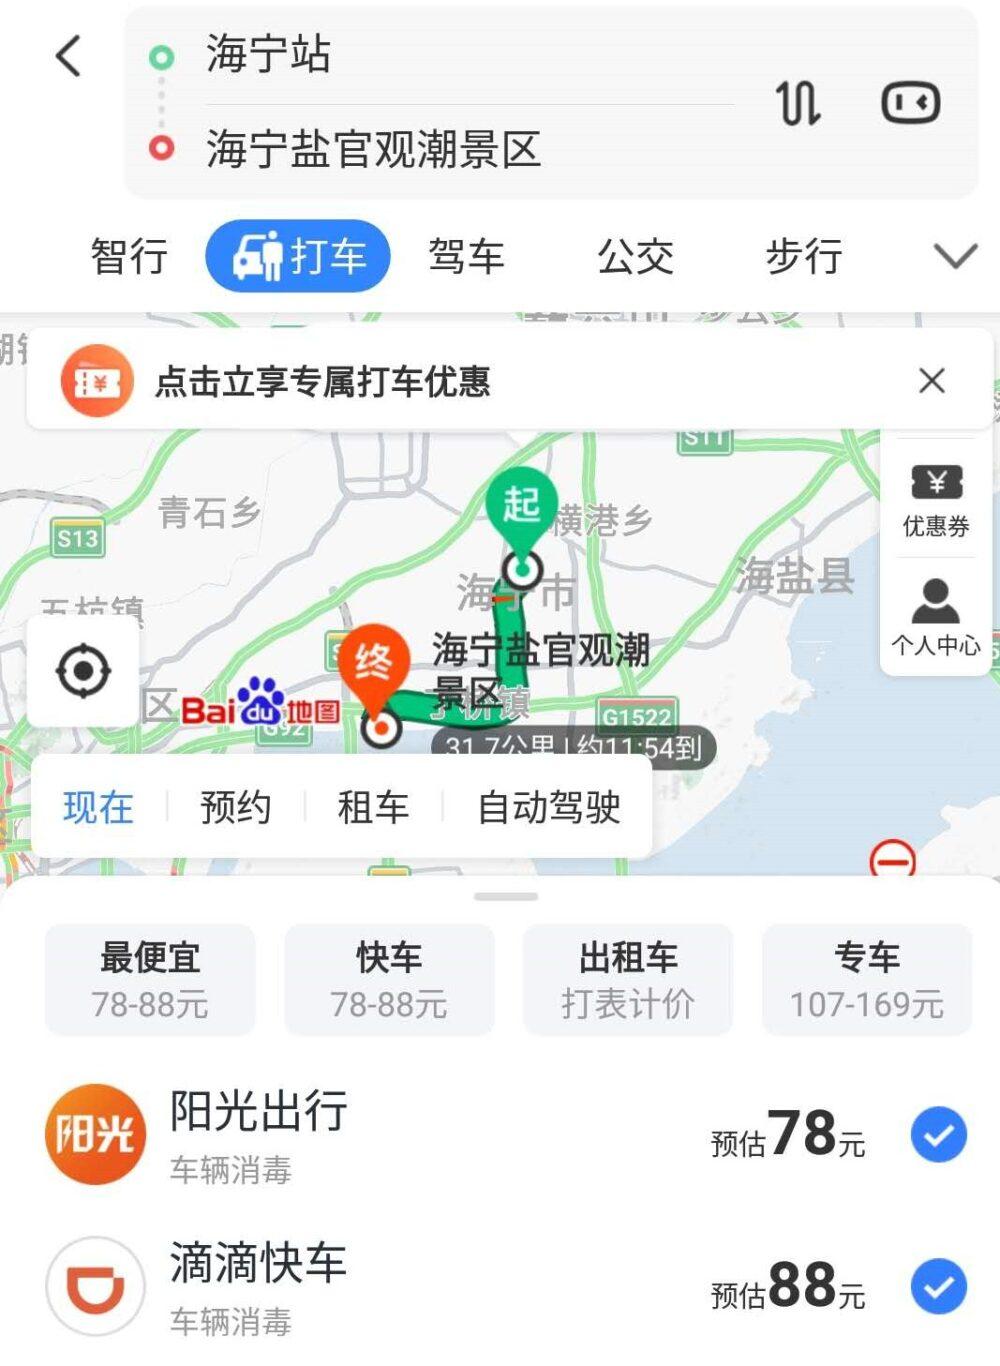 海寧駅から塩官観潮公園まで約タクシーを利用した場合の料金80元の写真